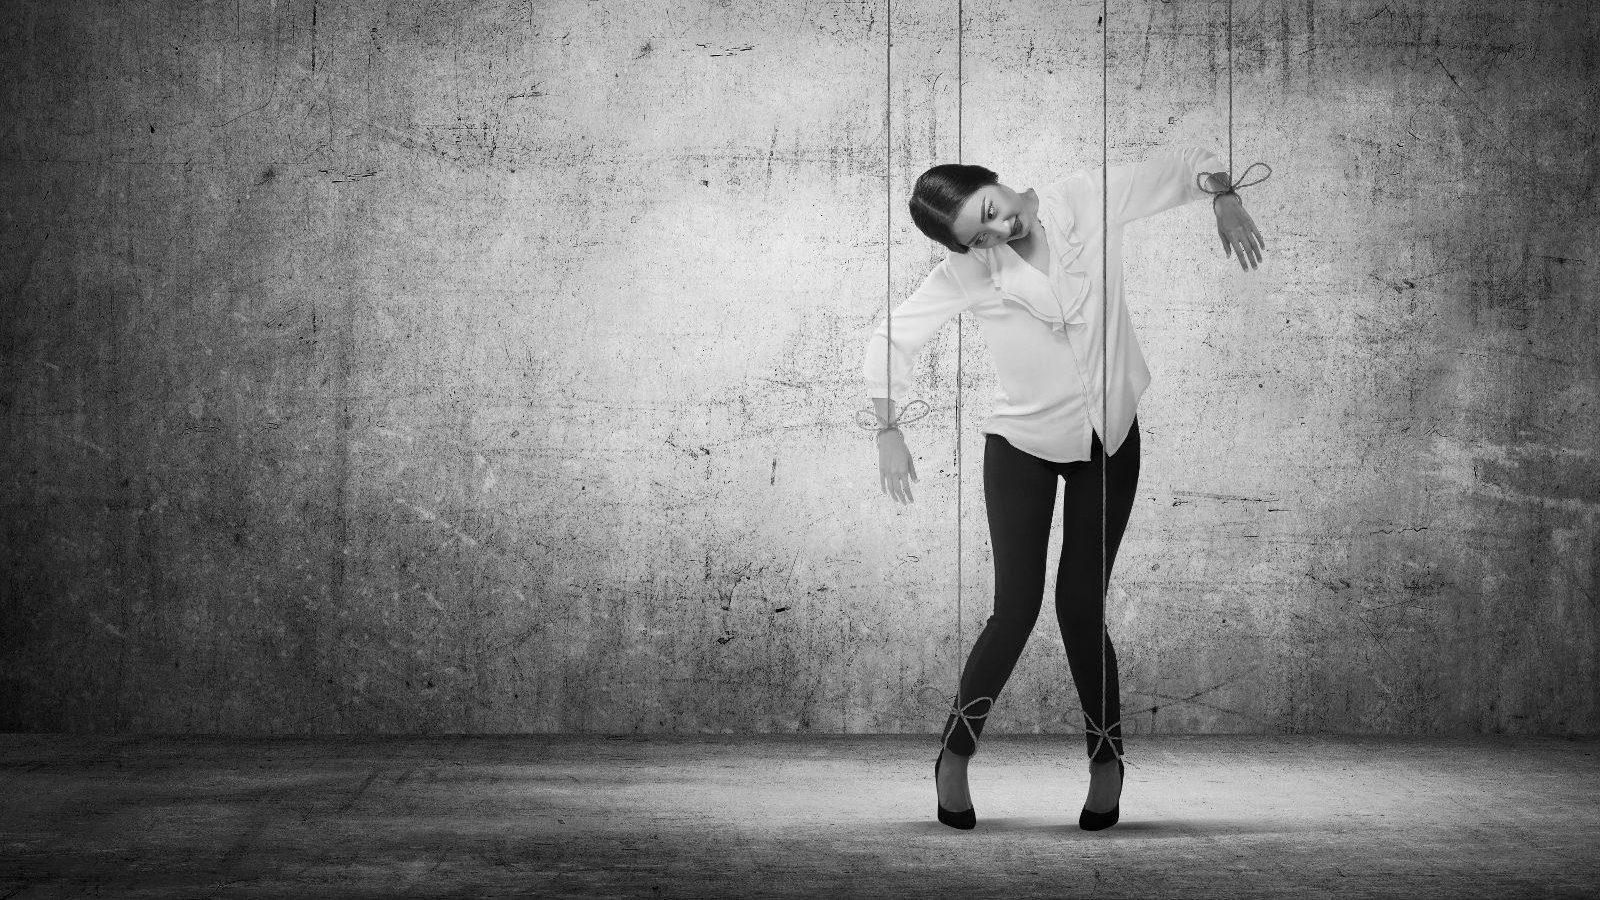 Psychische Gewalt verfolgt das Ziel, Macht und vollumfängliche Kontrolle über die Partnerin zu gewinnen